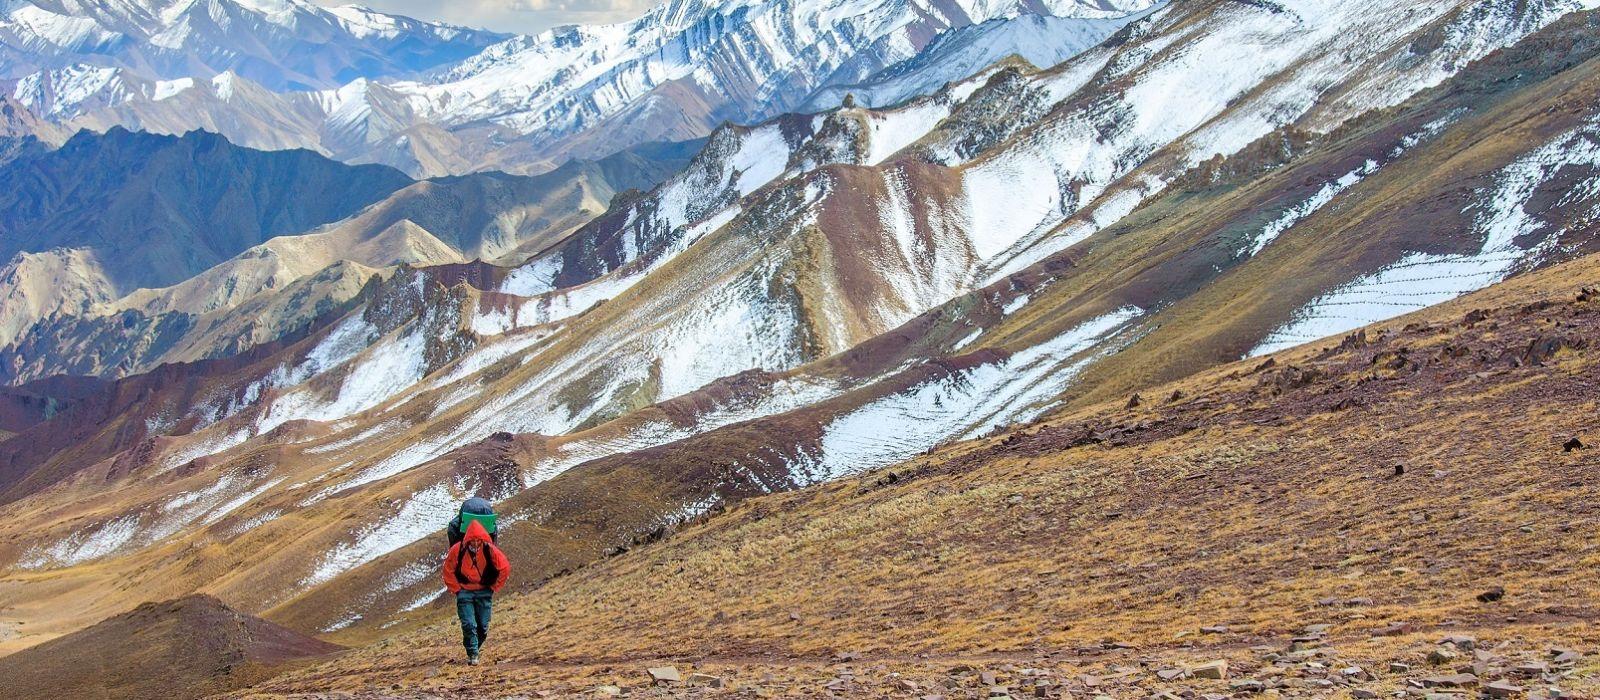 Schlafen unter Sternen auf dem Dach der Welt – Himalaya Luxusreise Urlaub 5